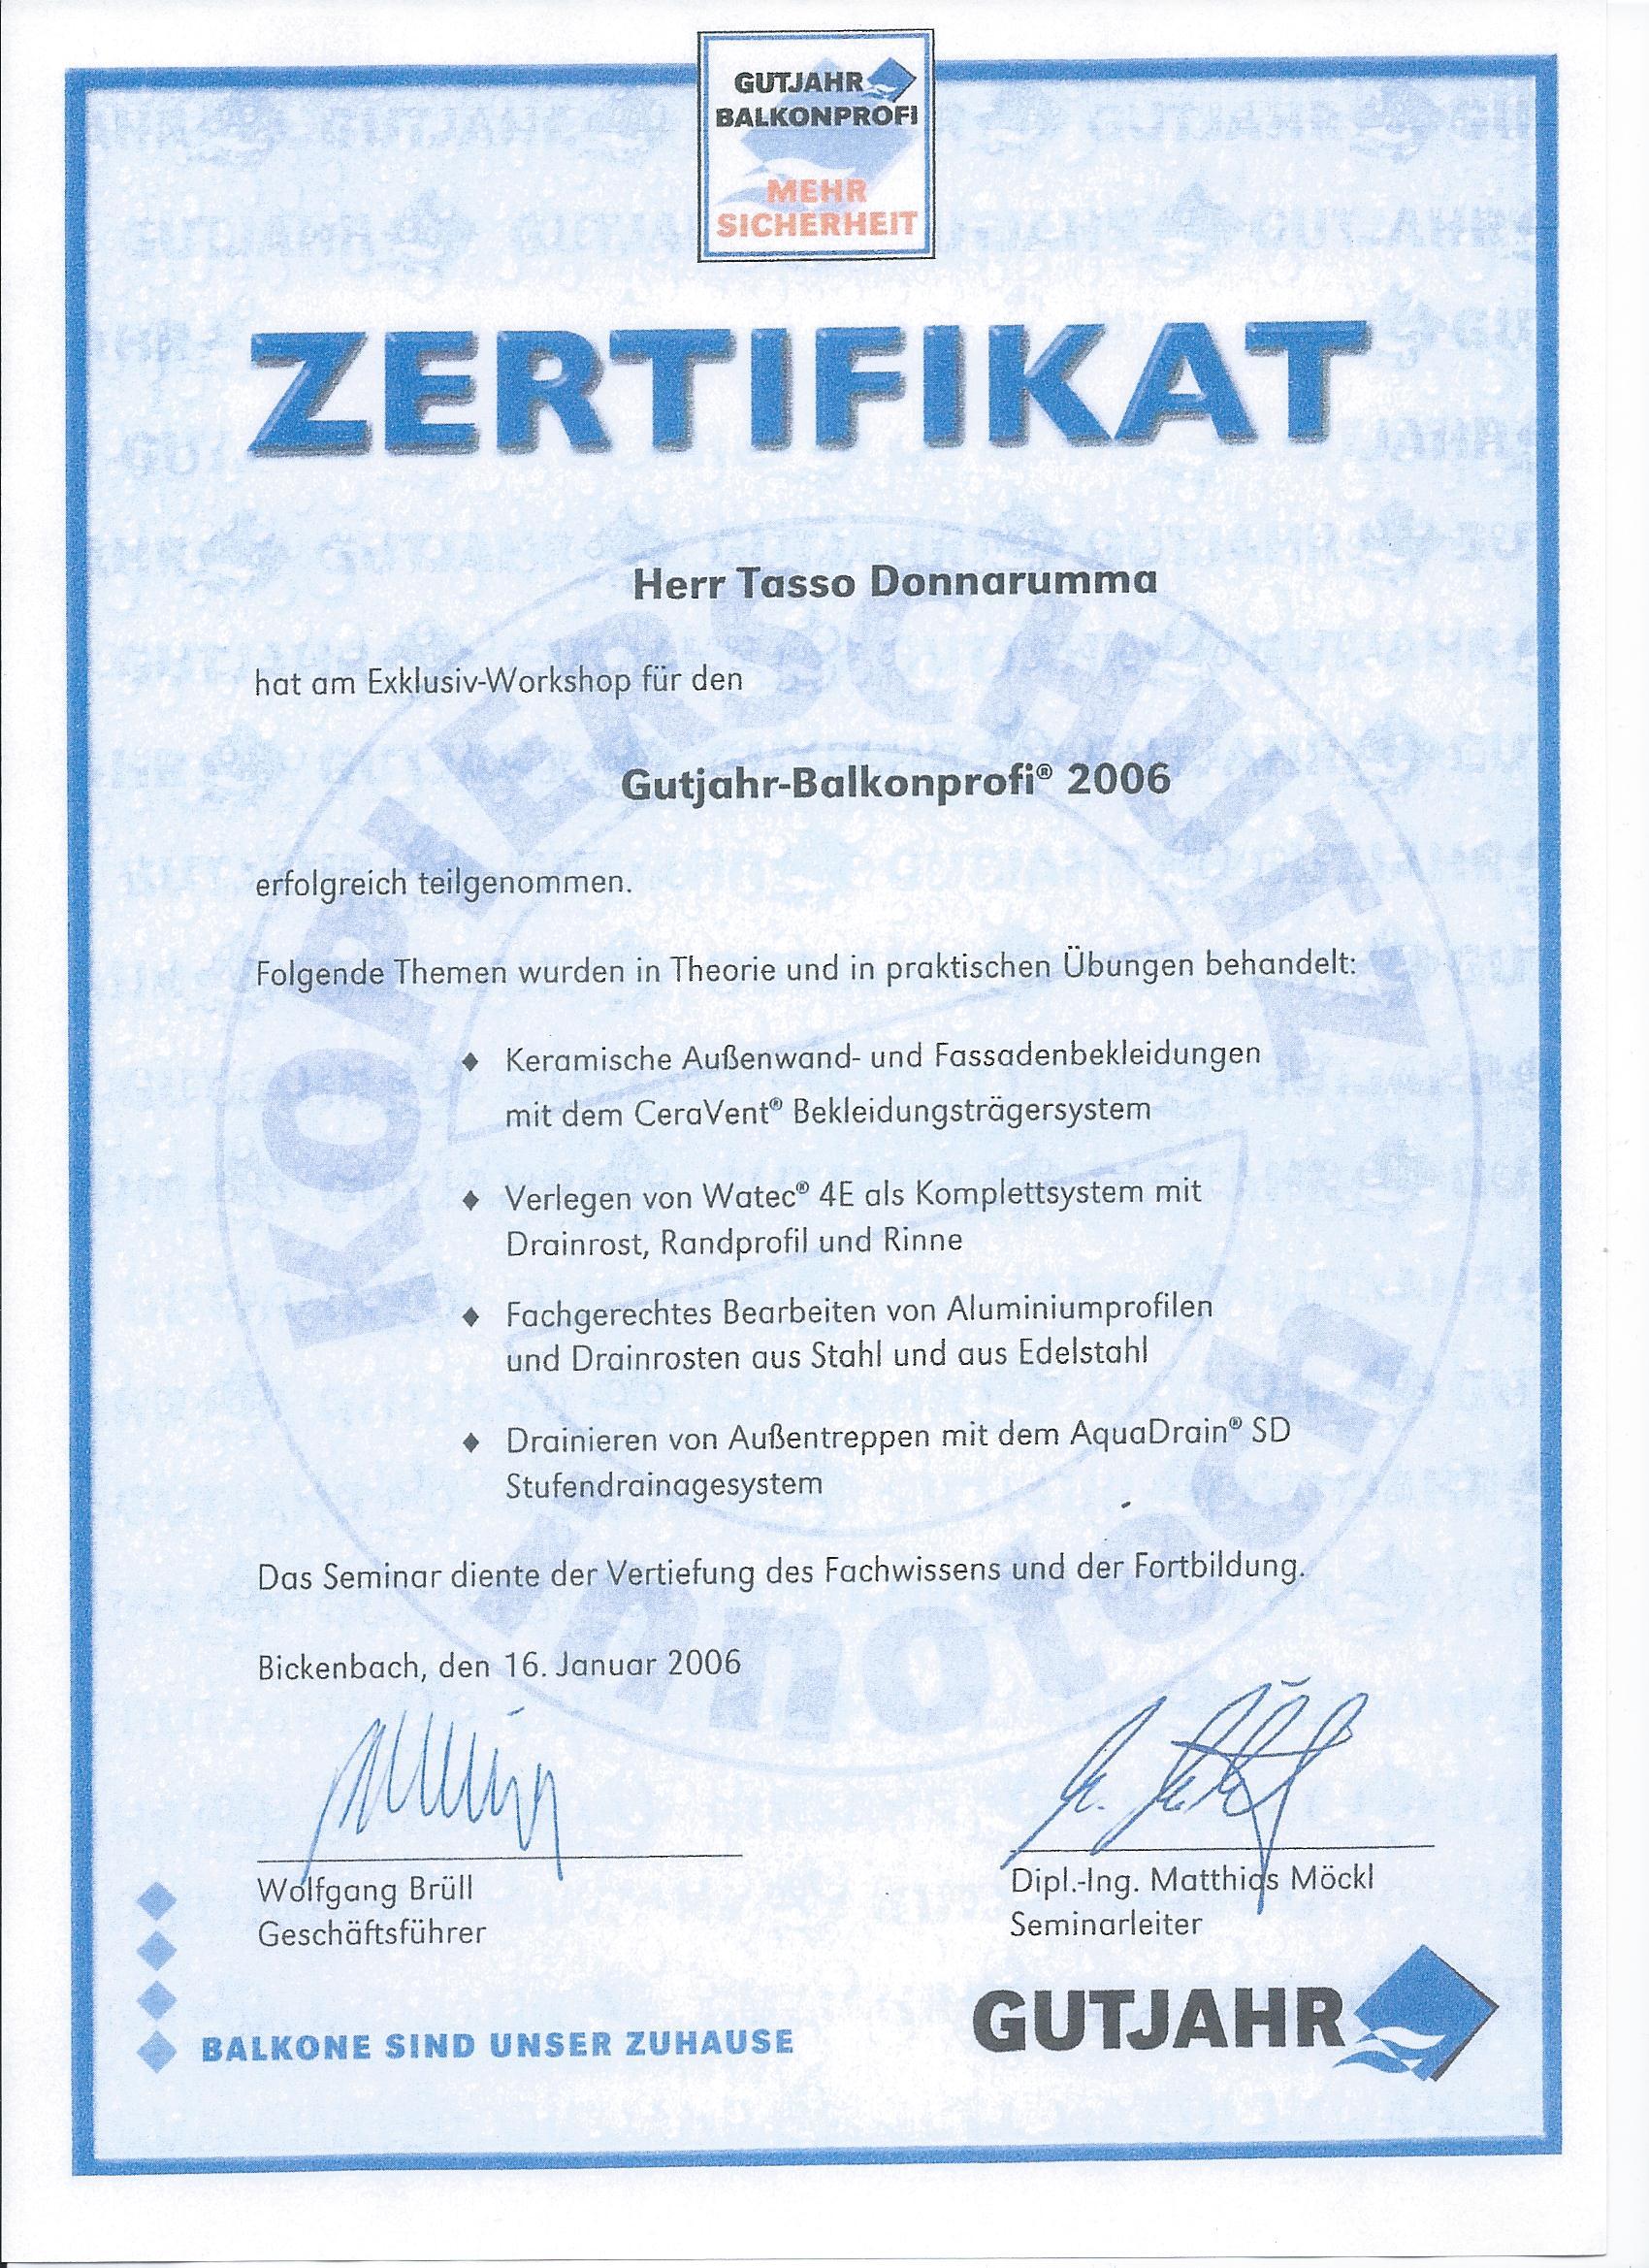 2006_Gutjahr_Balkonprofi